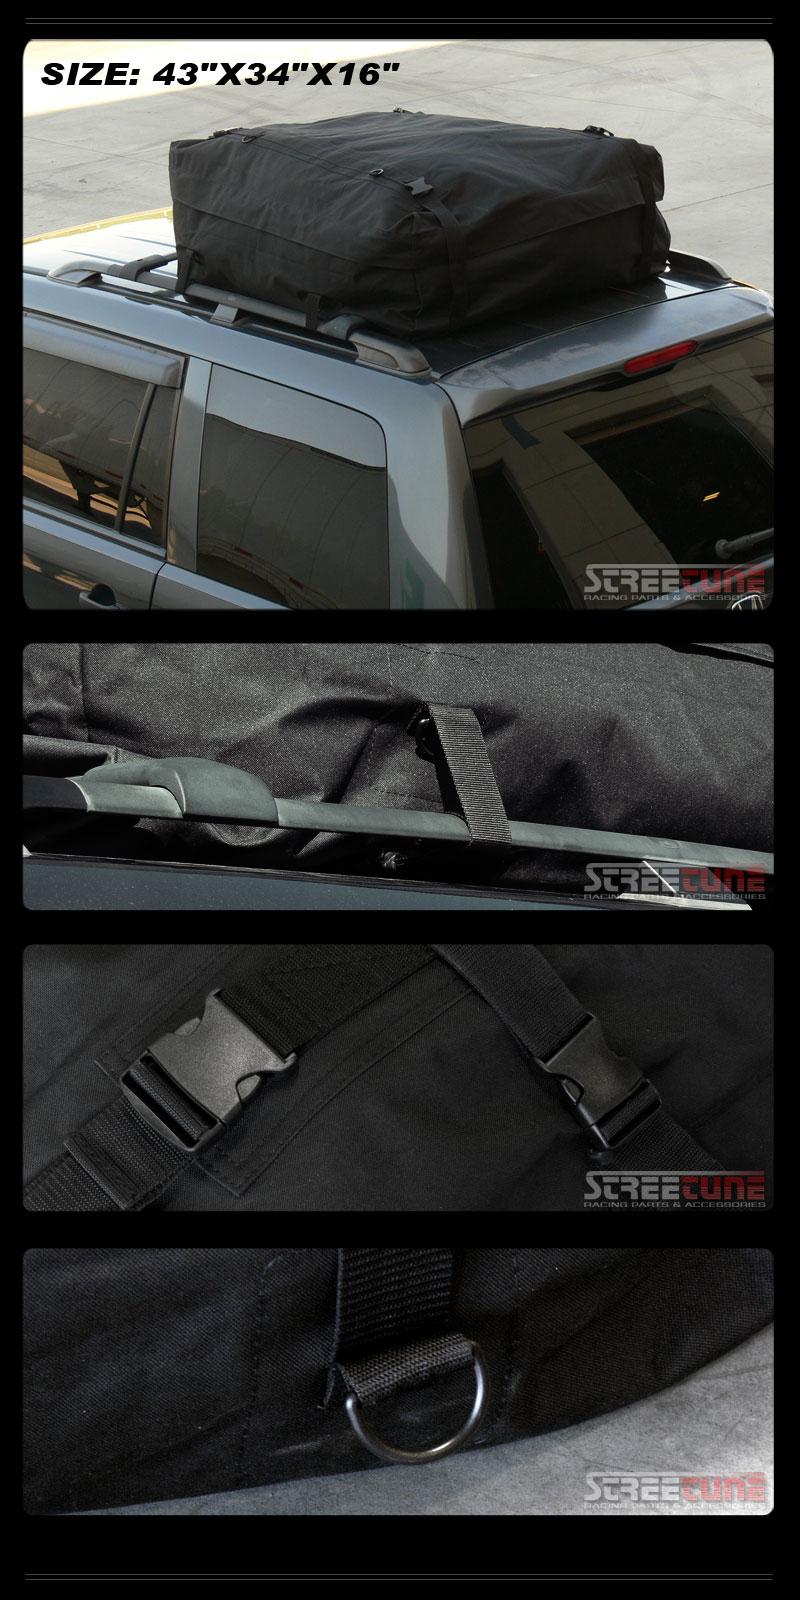 Blk Rainproof Roof Top Rack Cargo Carrier Bag Trunk Bed Hitch Mount Interior S3 Ebay